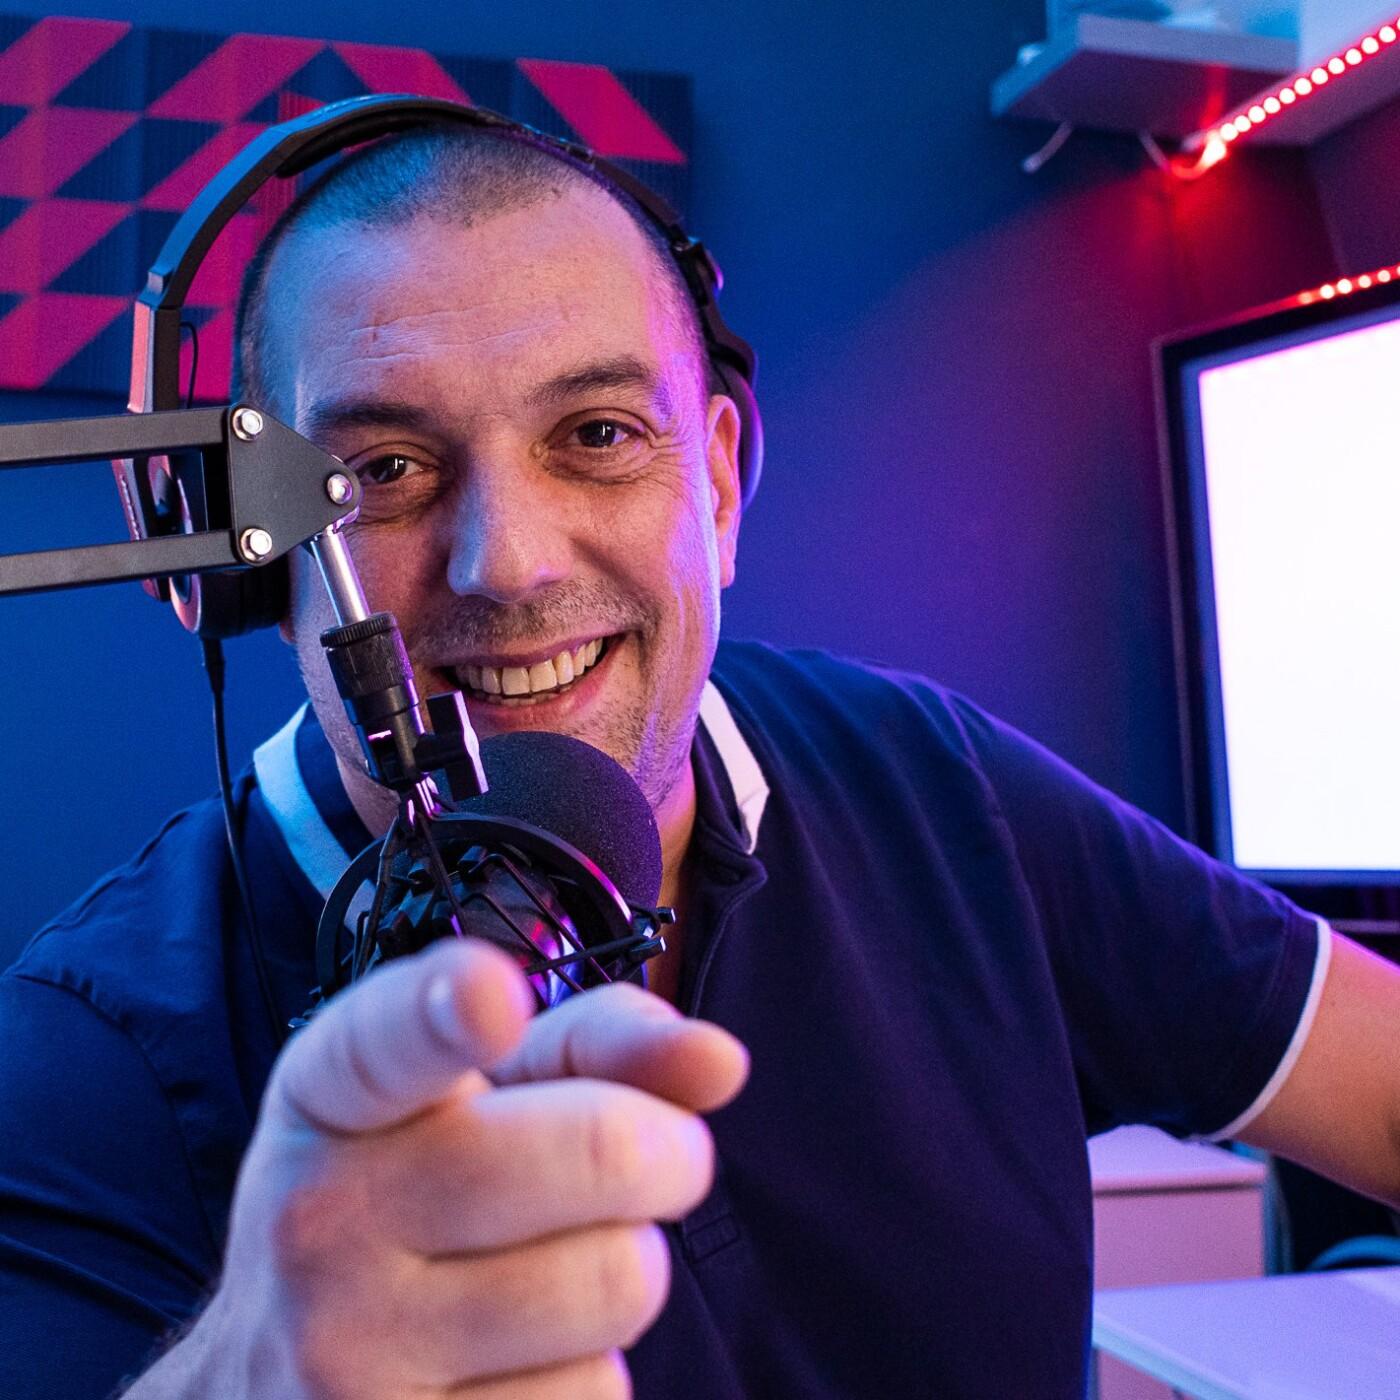 Gauthier est interviewé par Paul de la team StereoChic à l'occasion de la 200ème - 29 06 2021 - StereoChic Radio